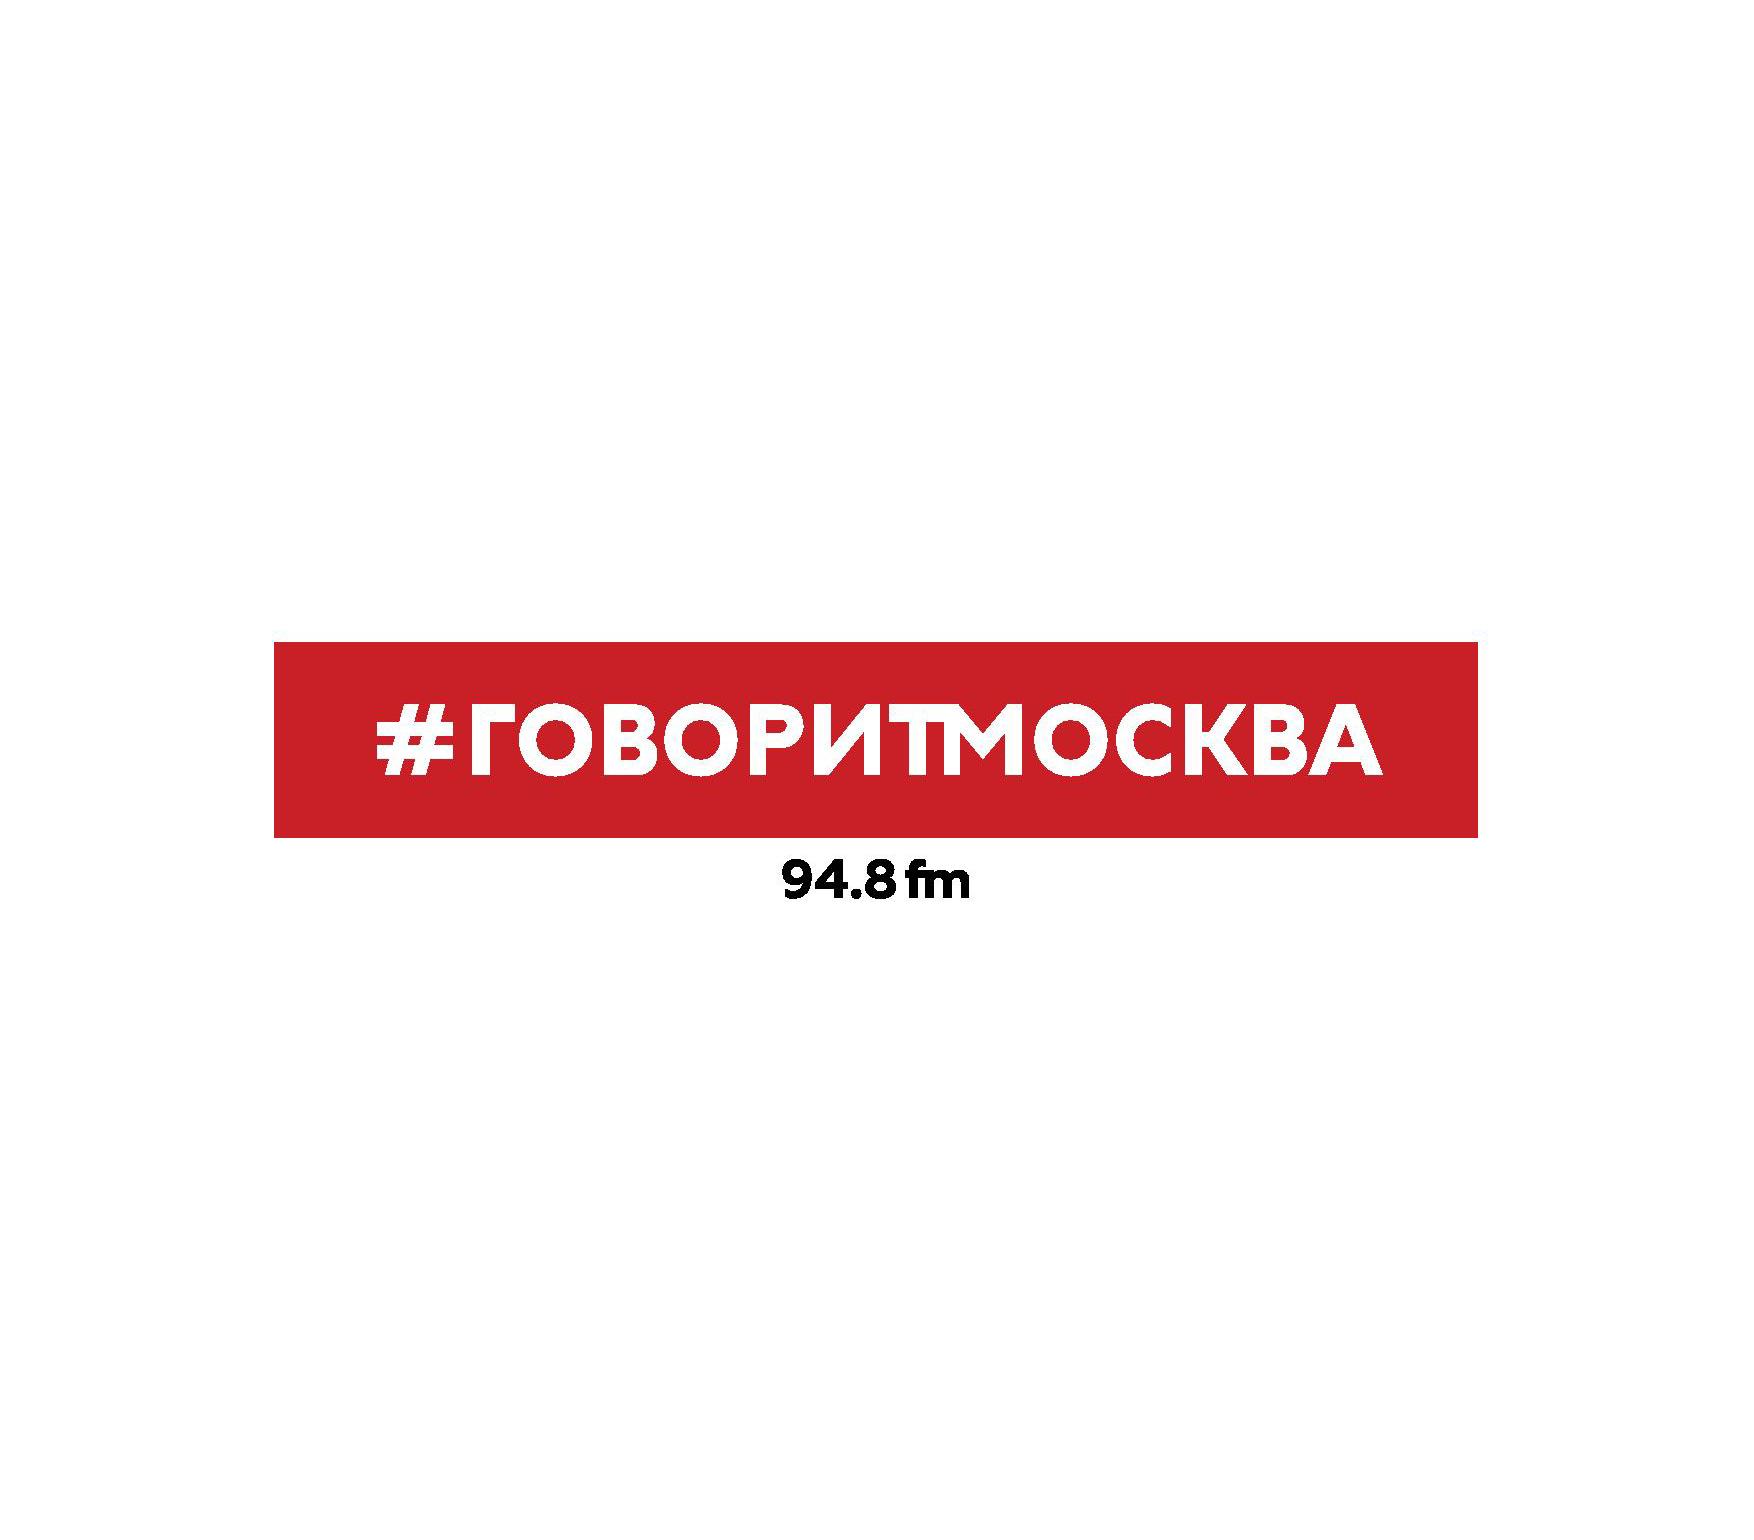 Макс Челноков 15 марта. Андрей Нечаев макс челноков 4 марта ульрих хайден